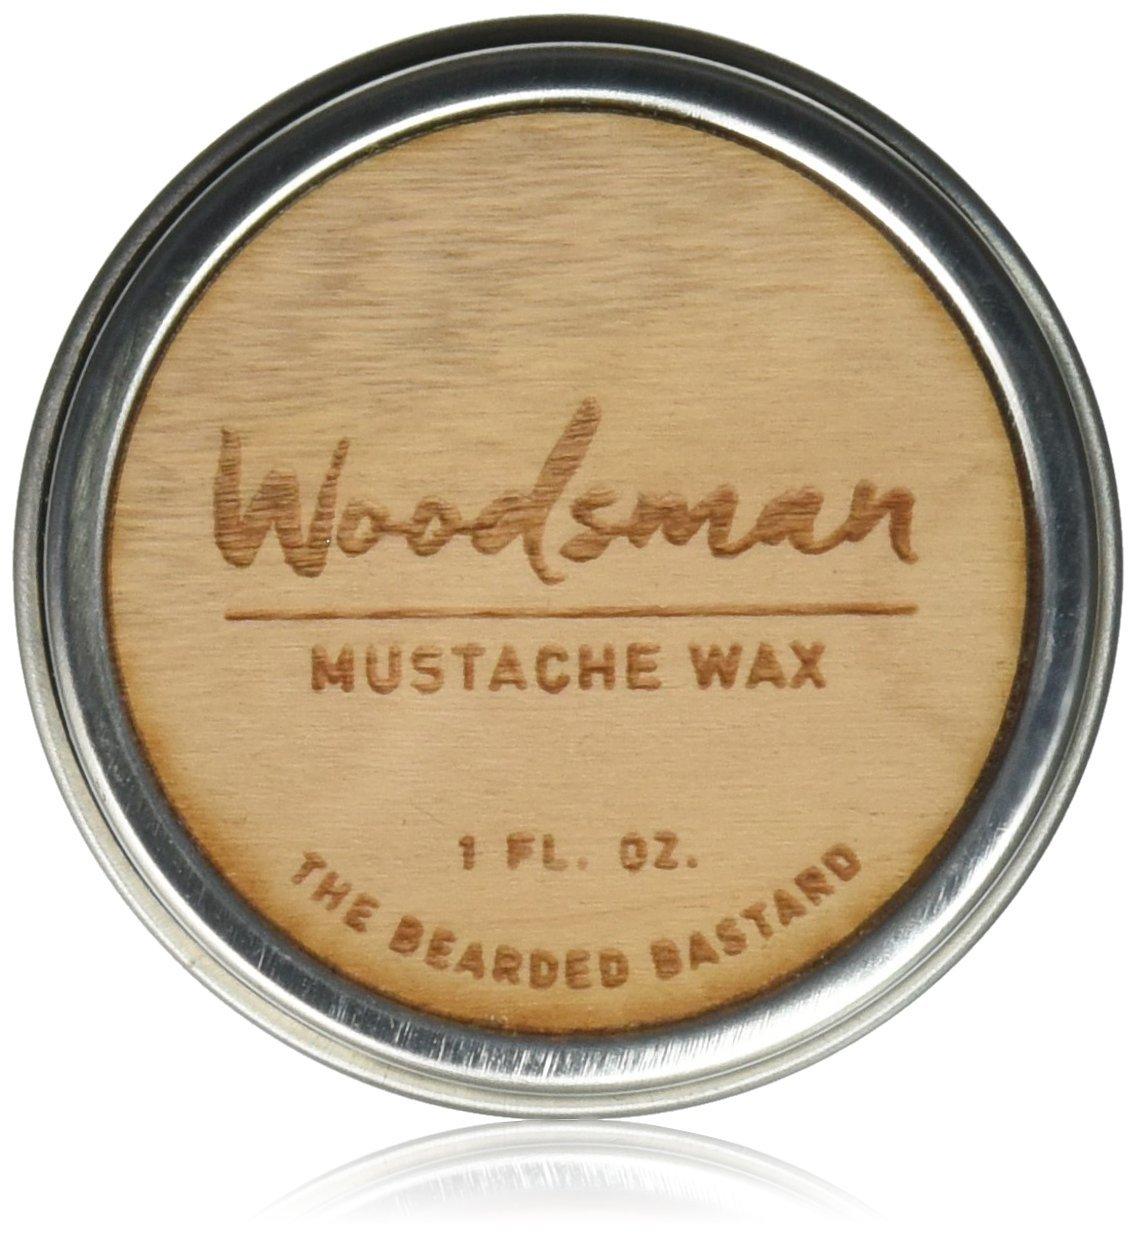 woodsman-mustache-wax